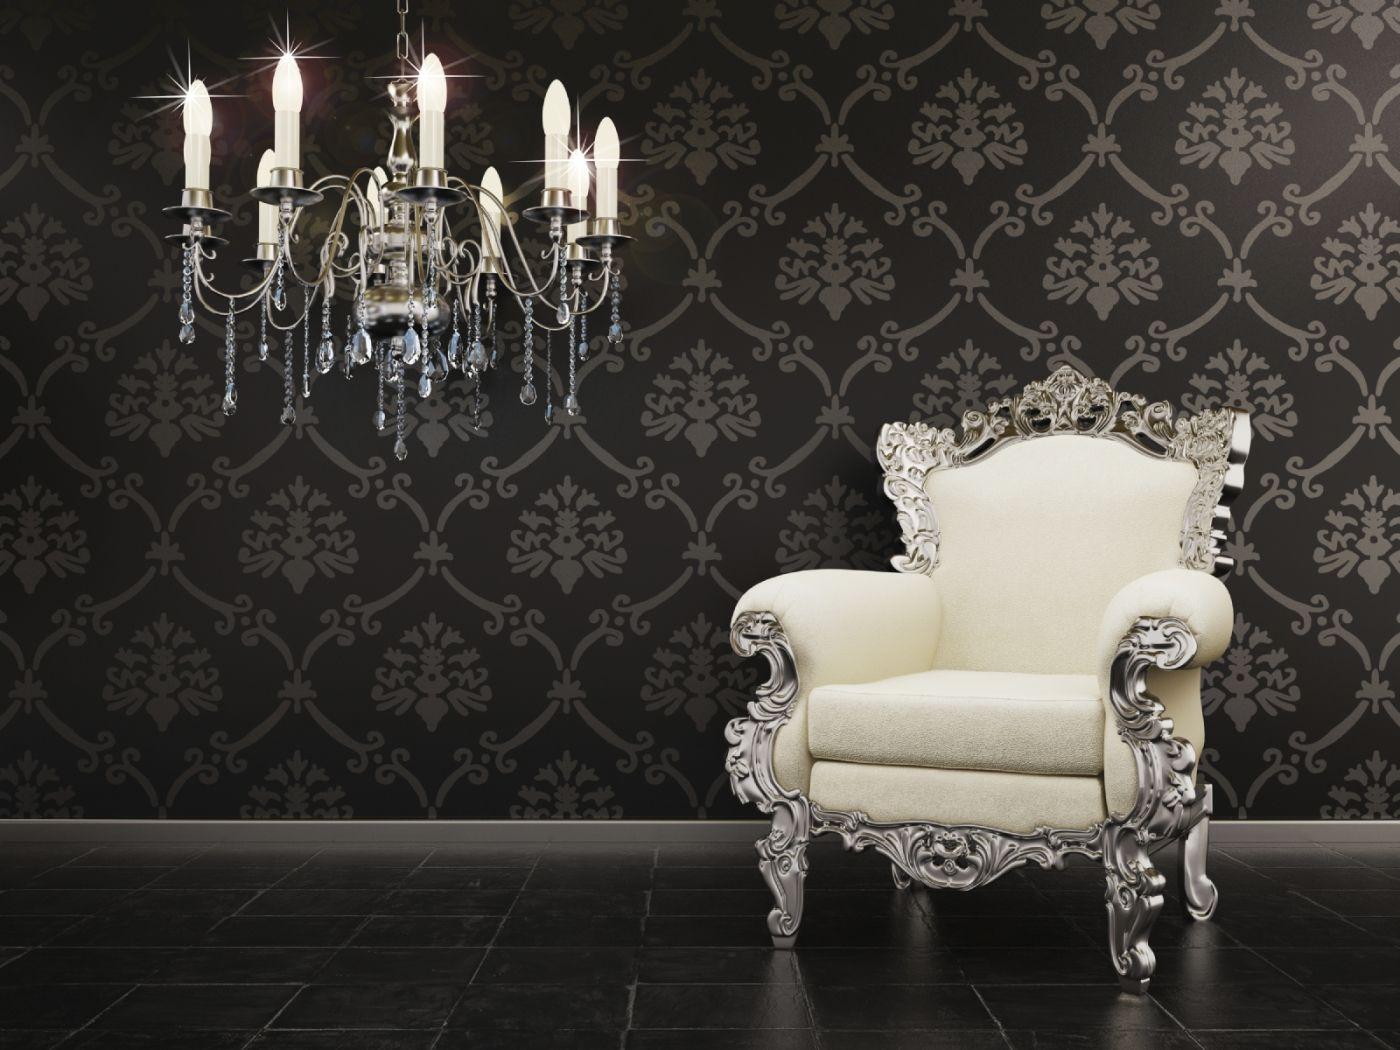 My Home Is My Castle Hse24 Wohnen Dekoration Homewear